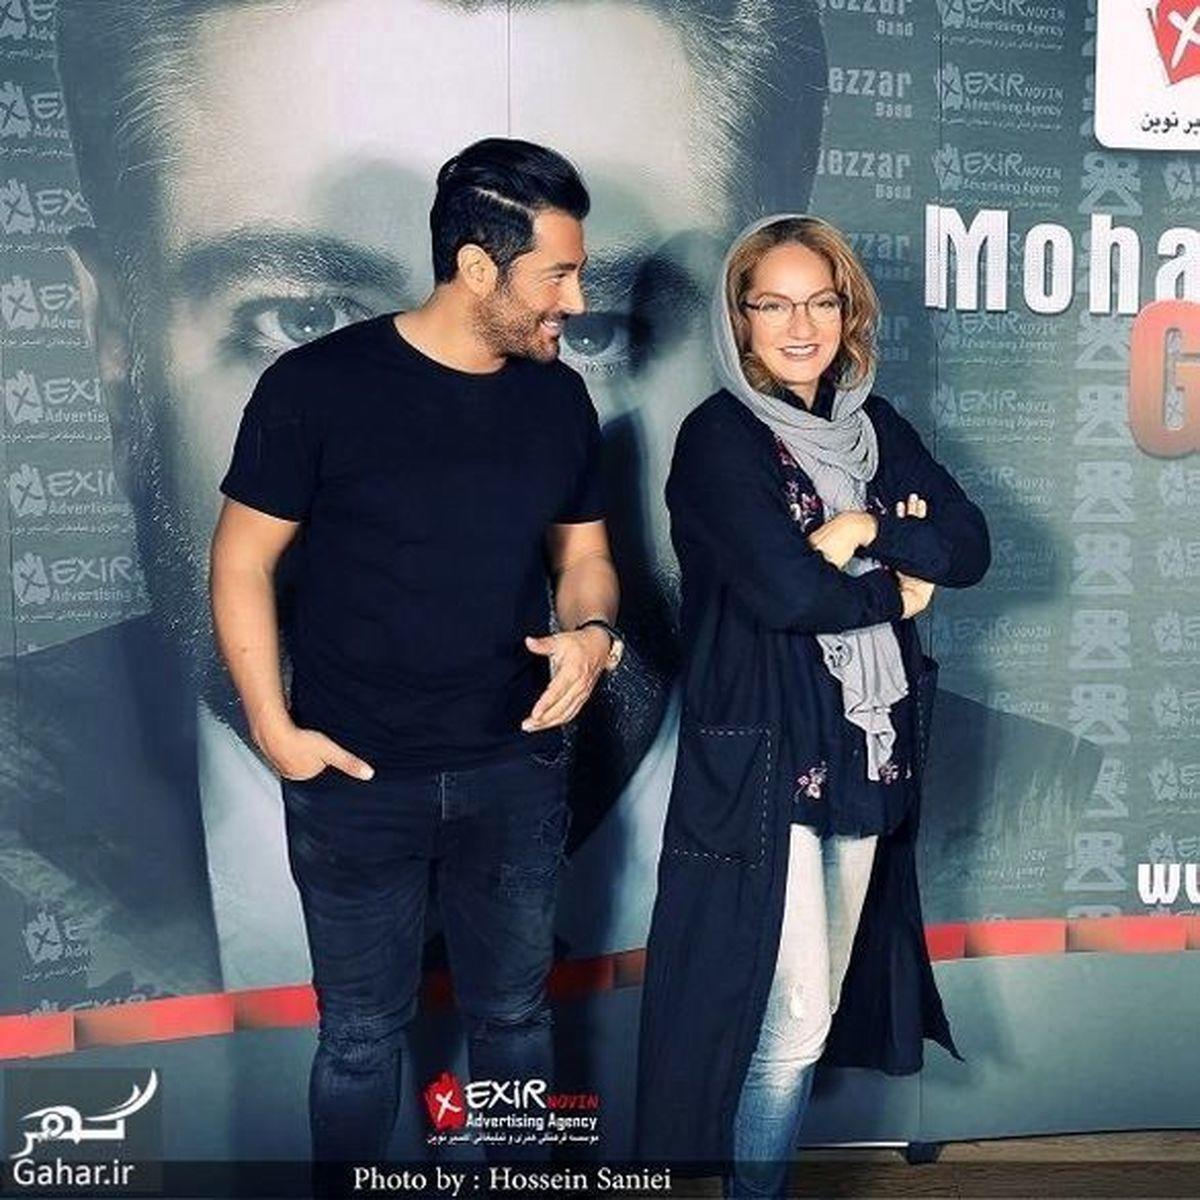 مهناز افشار از همسر دوم و خارجی اش رونمایی کرد + تصاویر و بیوگرافی